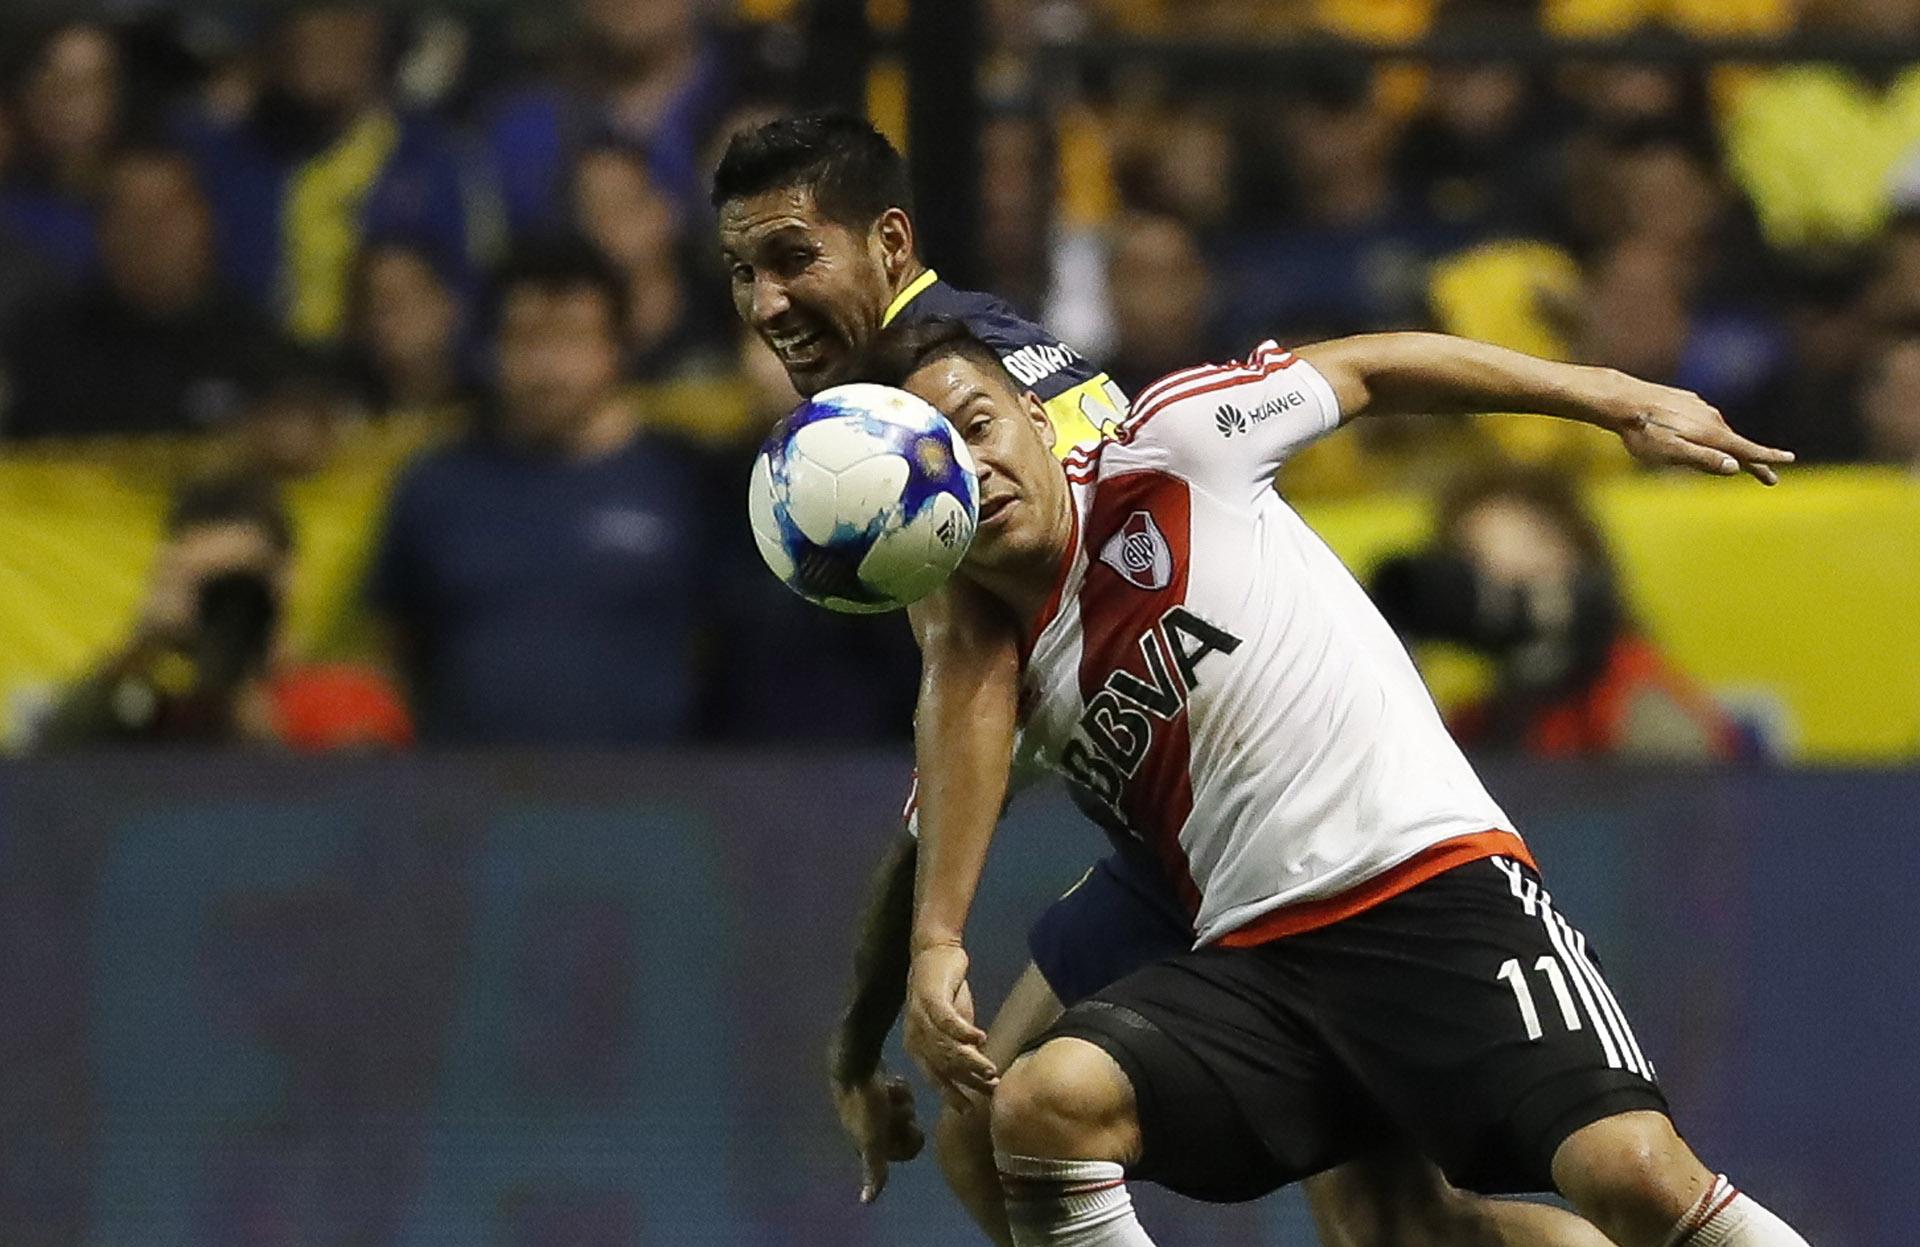 El xeneize Juan Insaurralde, en una jugada trabada con Sebastián Driussi